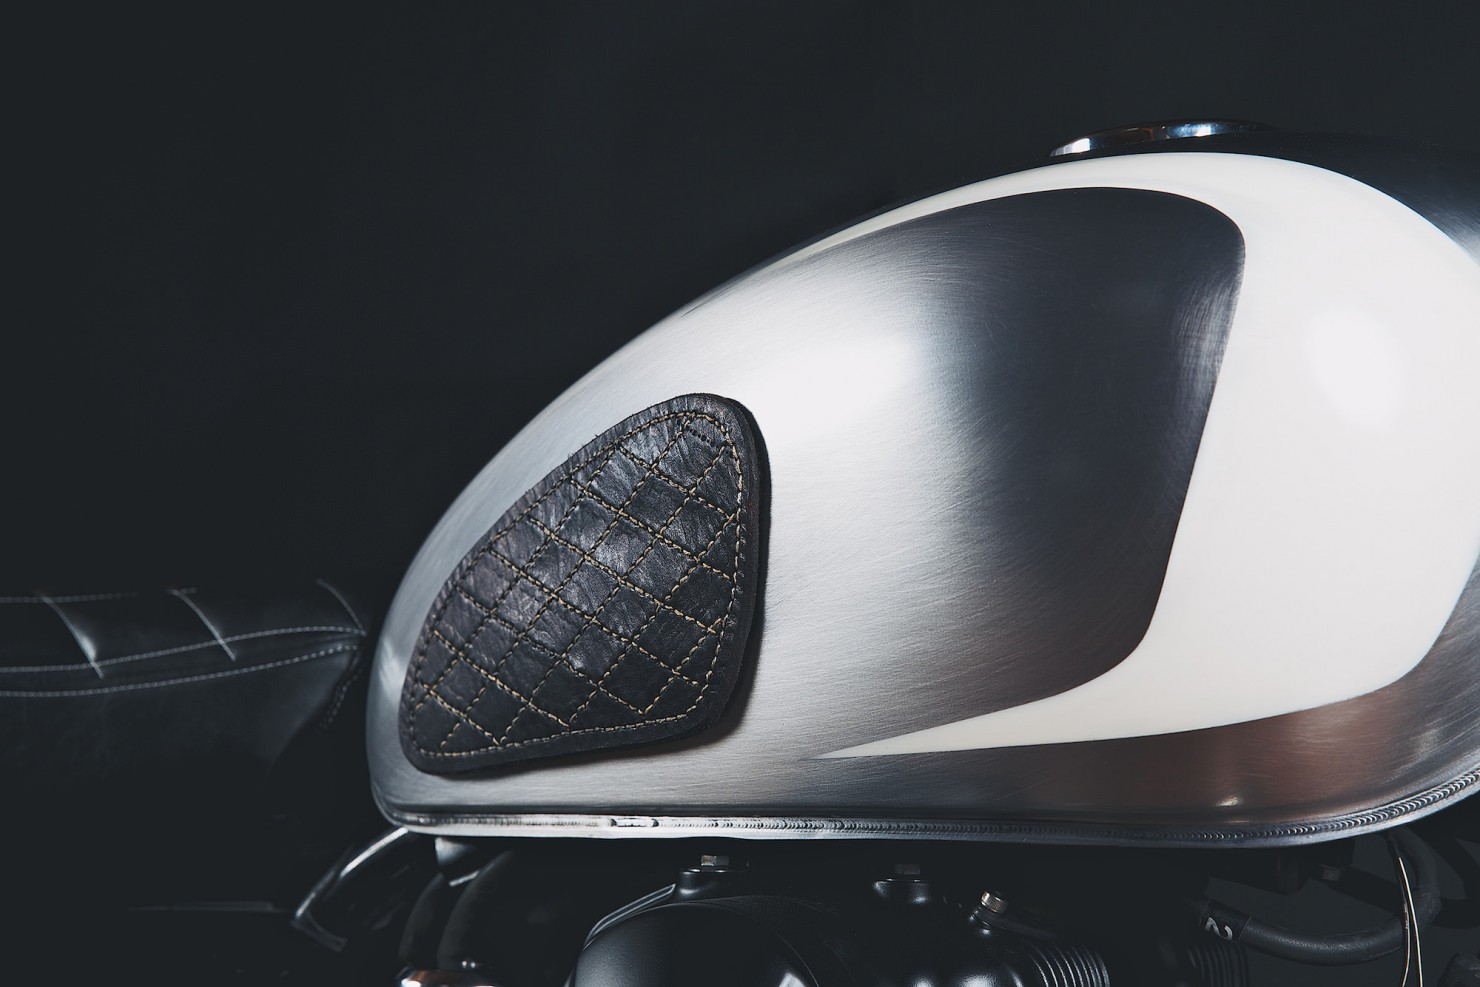 Kawasaki_W650_Motorcycle_5